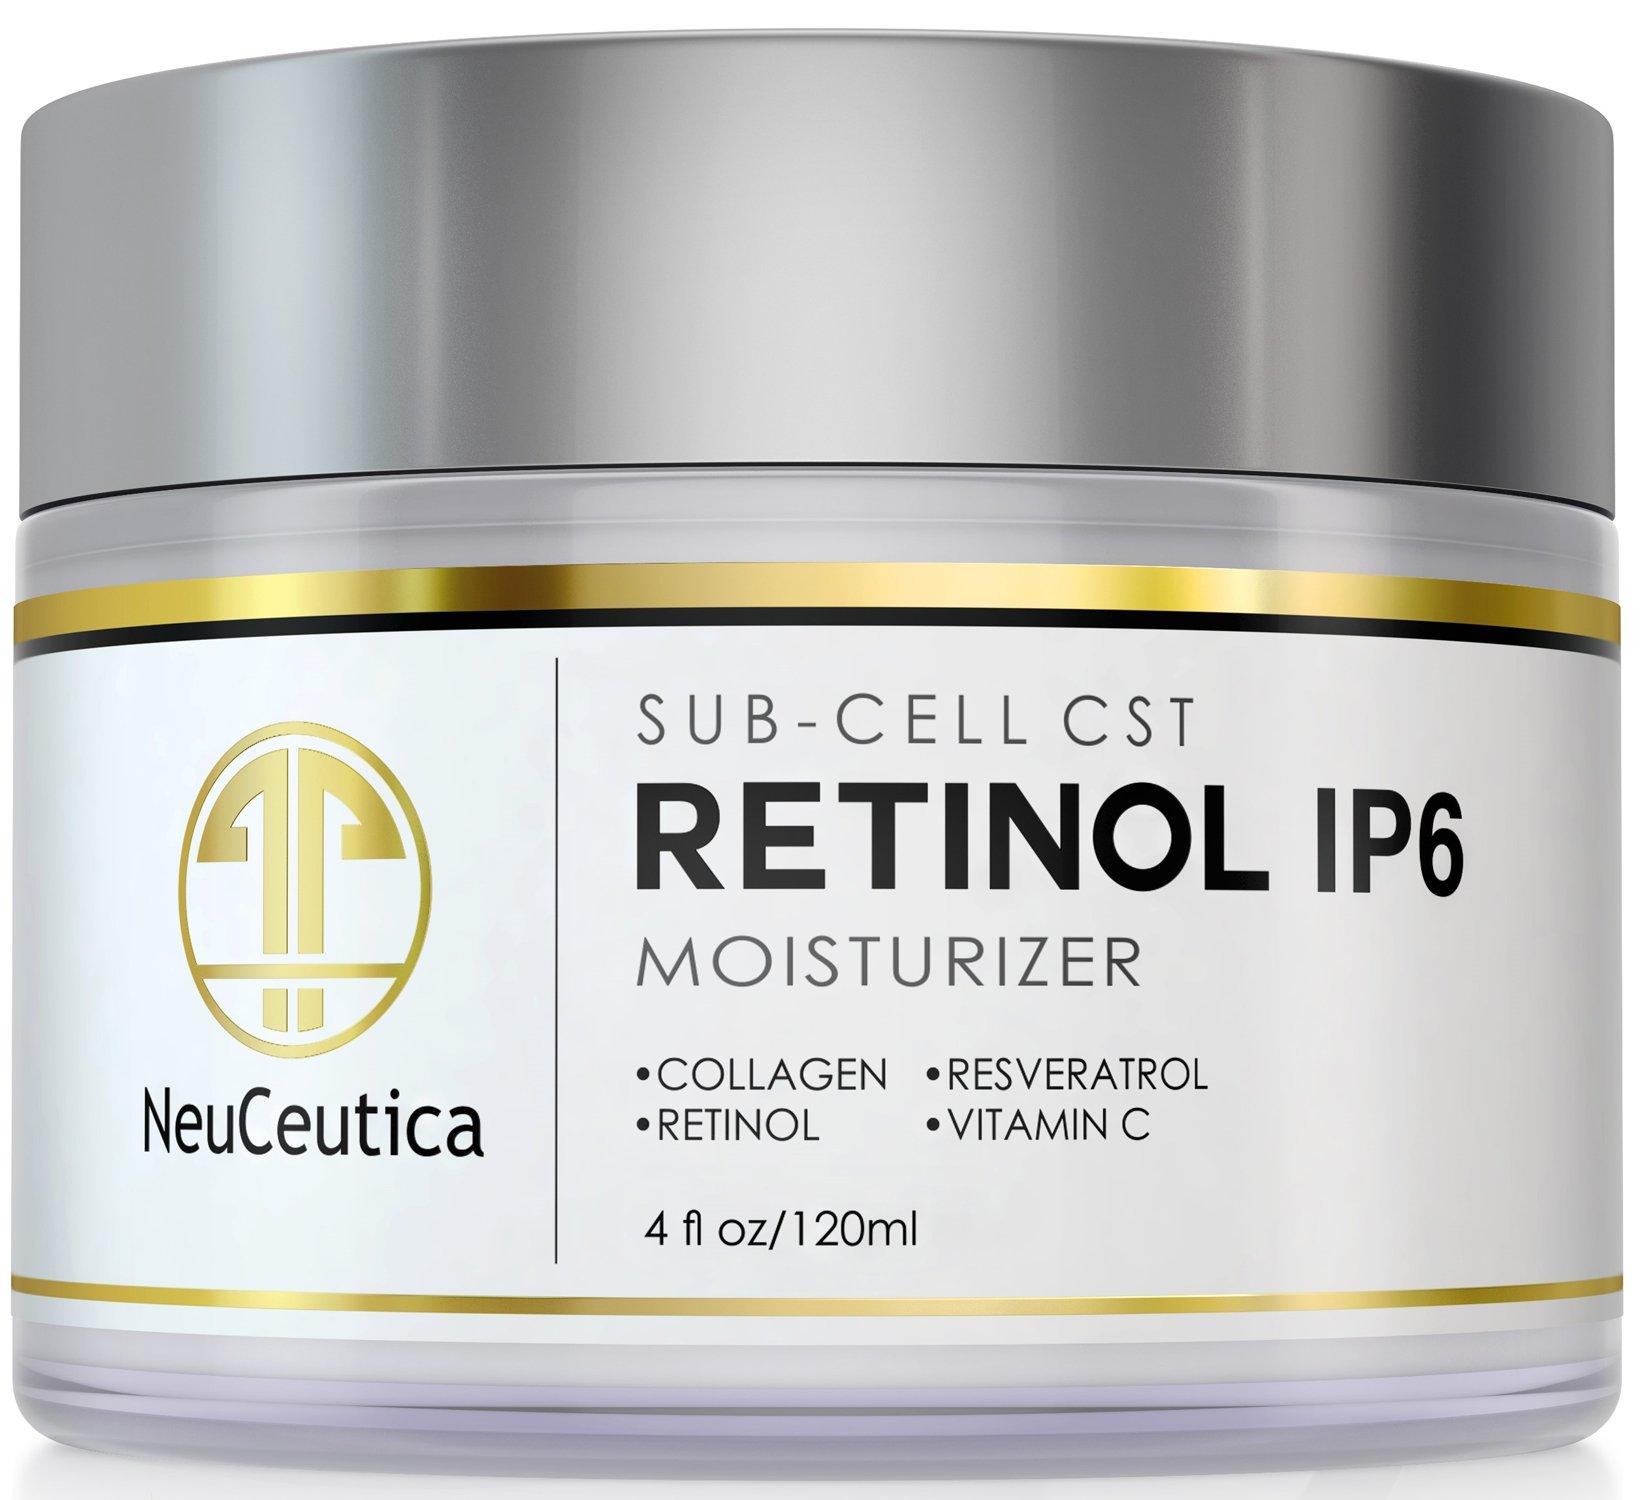 Retinol amounts in moisturizers - Neuceutica Retinol Moisturizer Cream Anti Wrinkle For Neck Face With Collagen Vitamin C